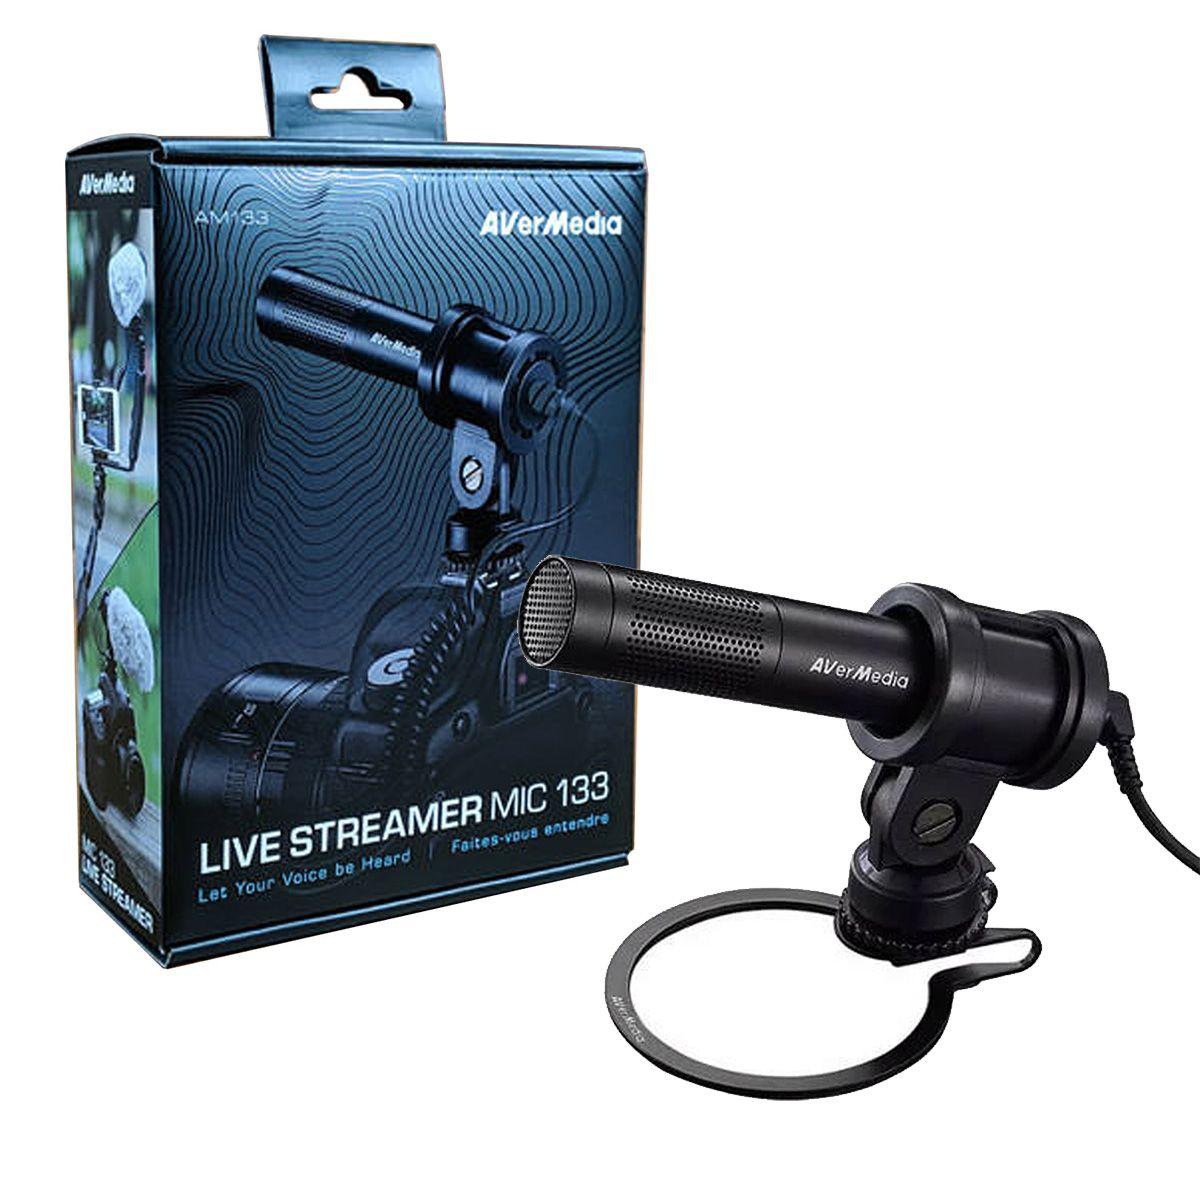 Microfone p/ Celular, PC e DSLR AverMedia MIC133